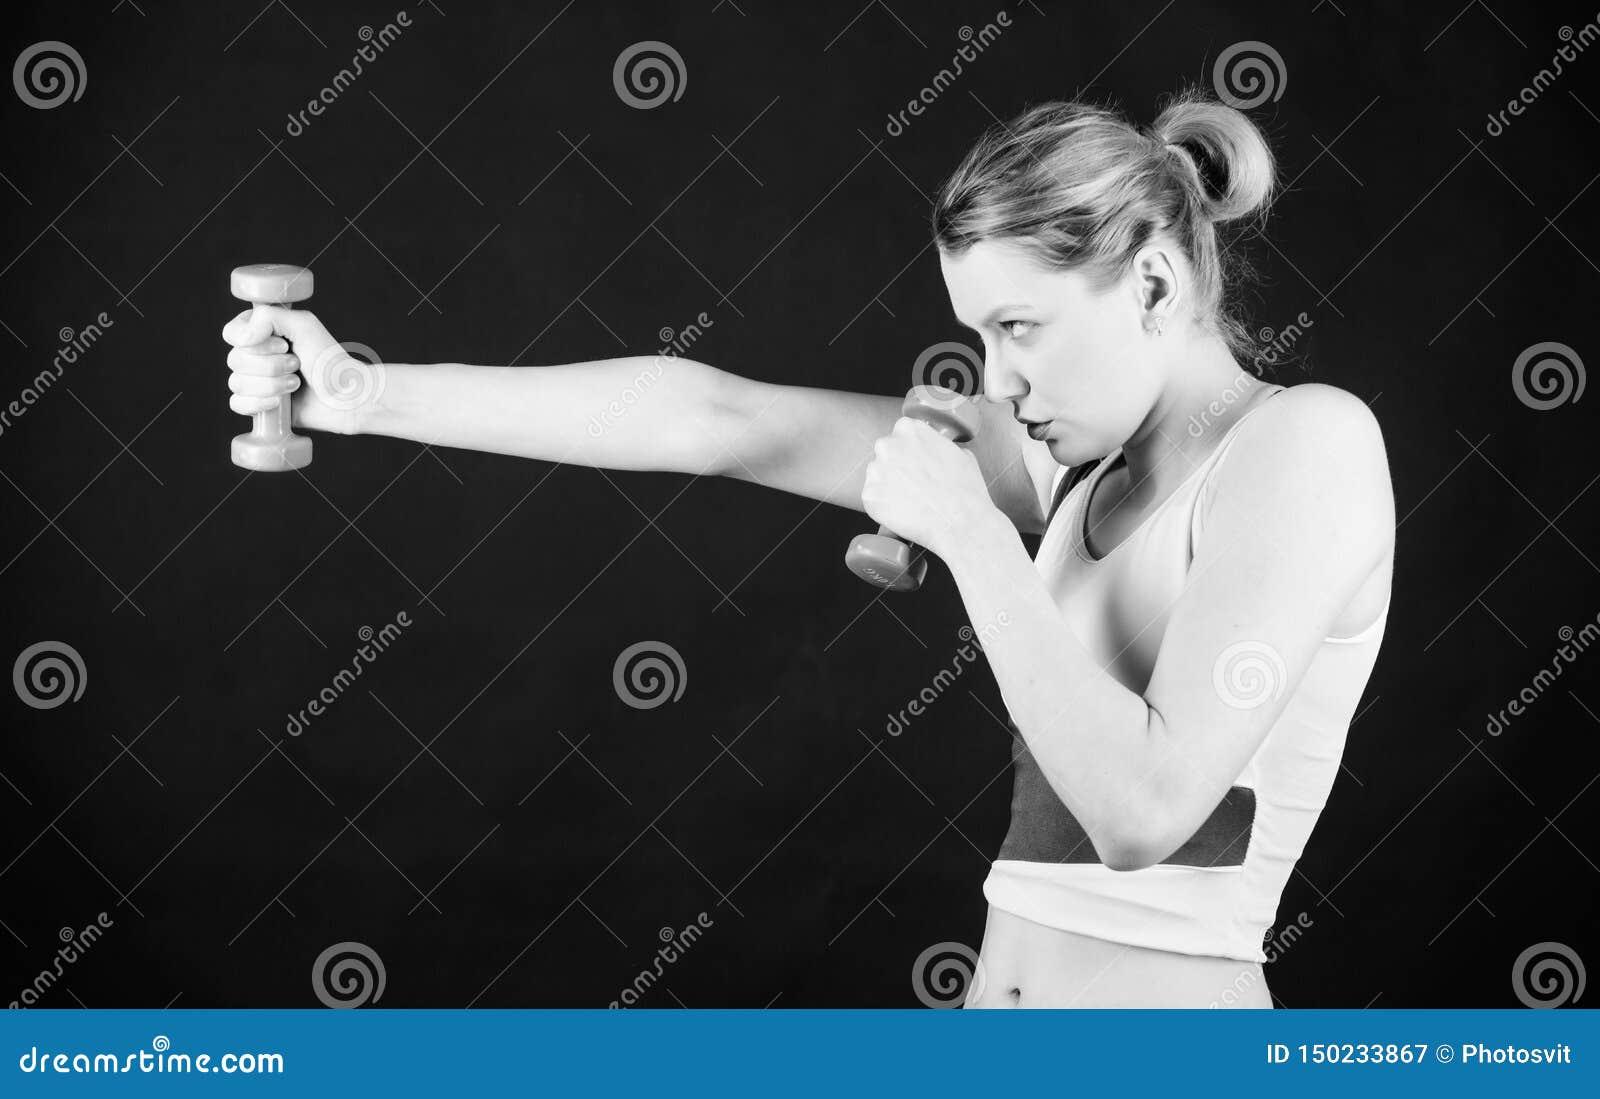 G?r reglerna H?lsa bantar framg?ng Sporthantelutrustning Idrotts- kondition Sportig kvinnautbildning i idrottshall starkt